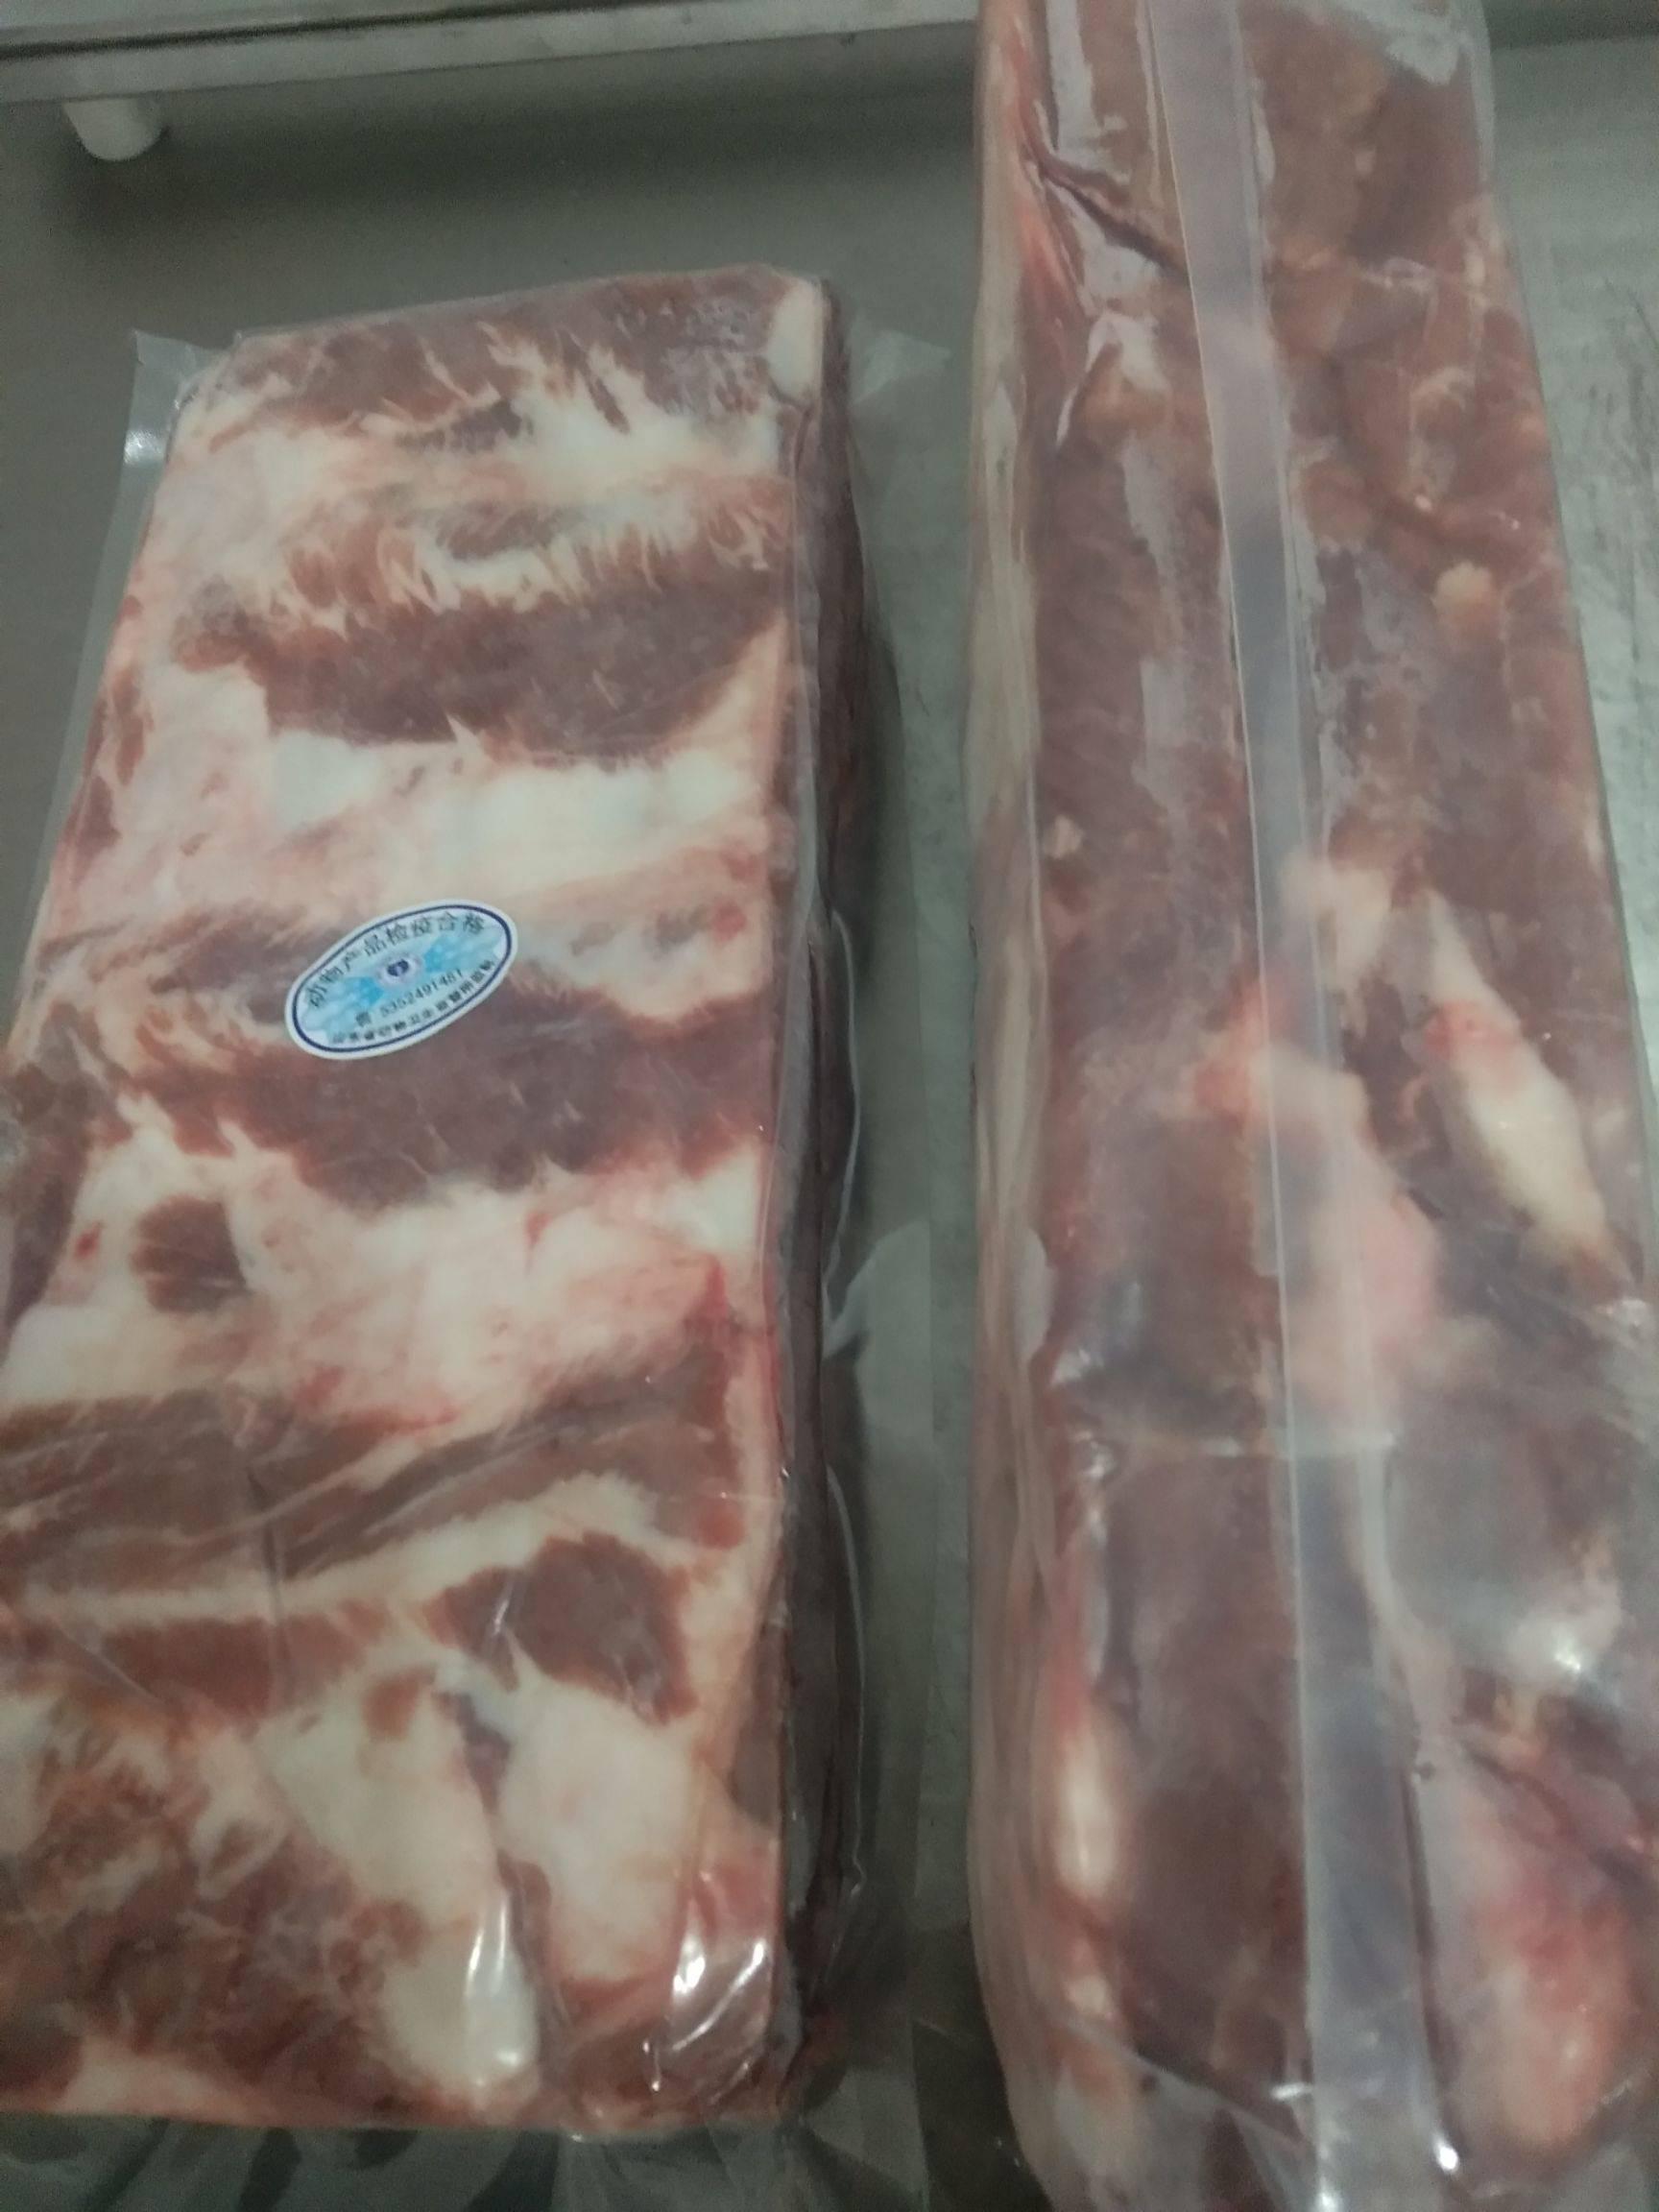 [肥牛一号批发]肥牛一号 生肉 价格24元/斤